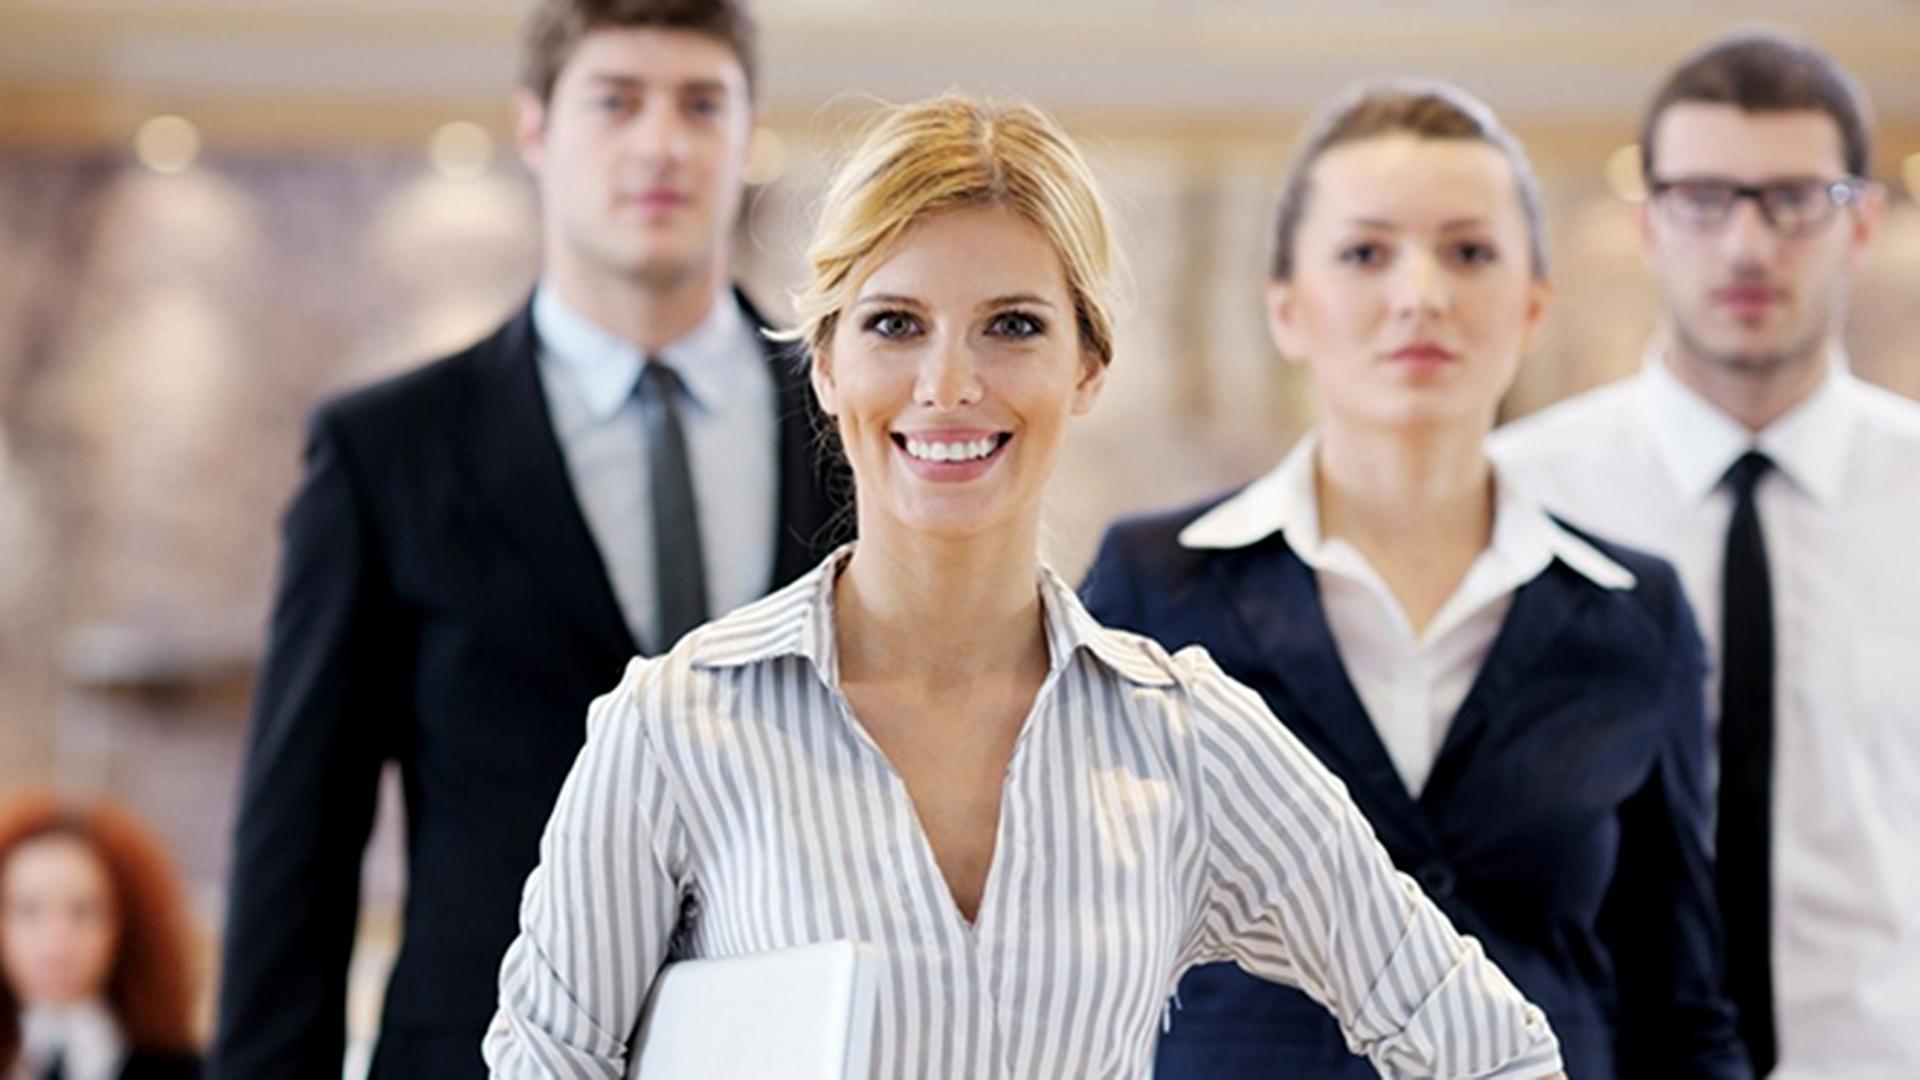 Cómo es la representación femenina en el mundo laboral( Shutterstock)